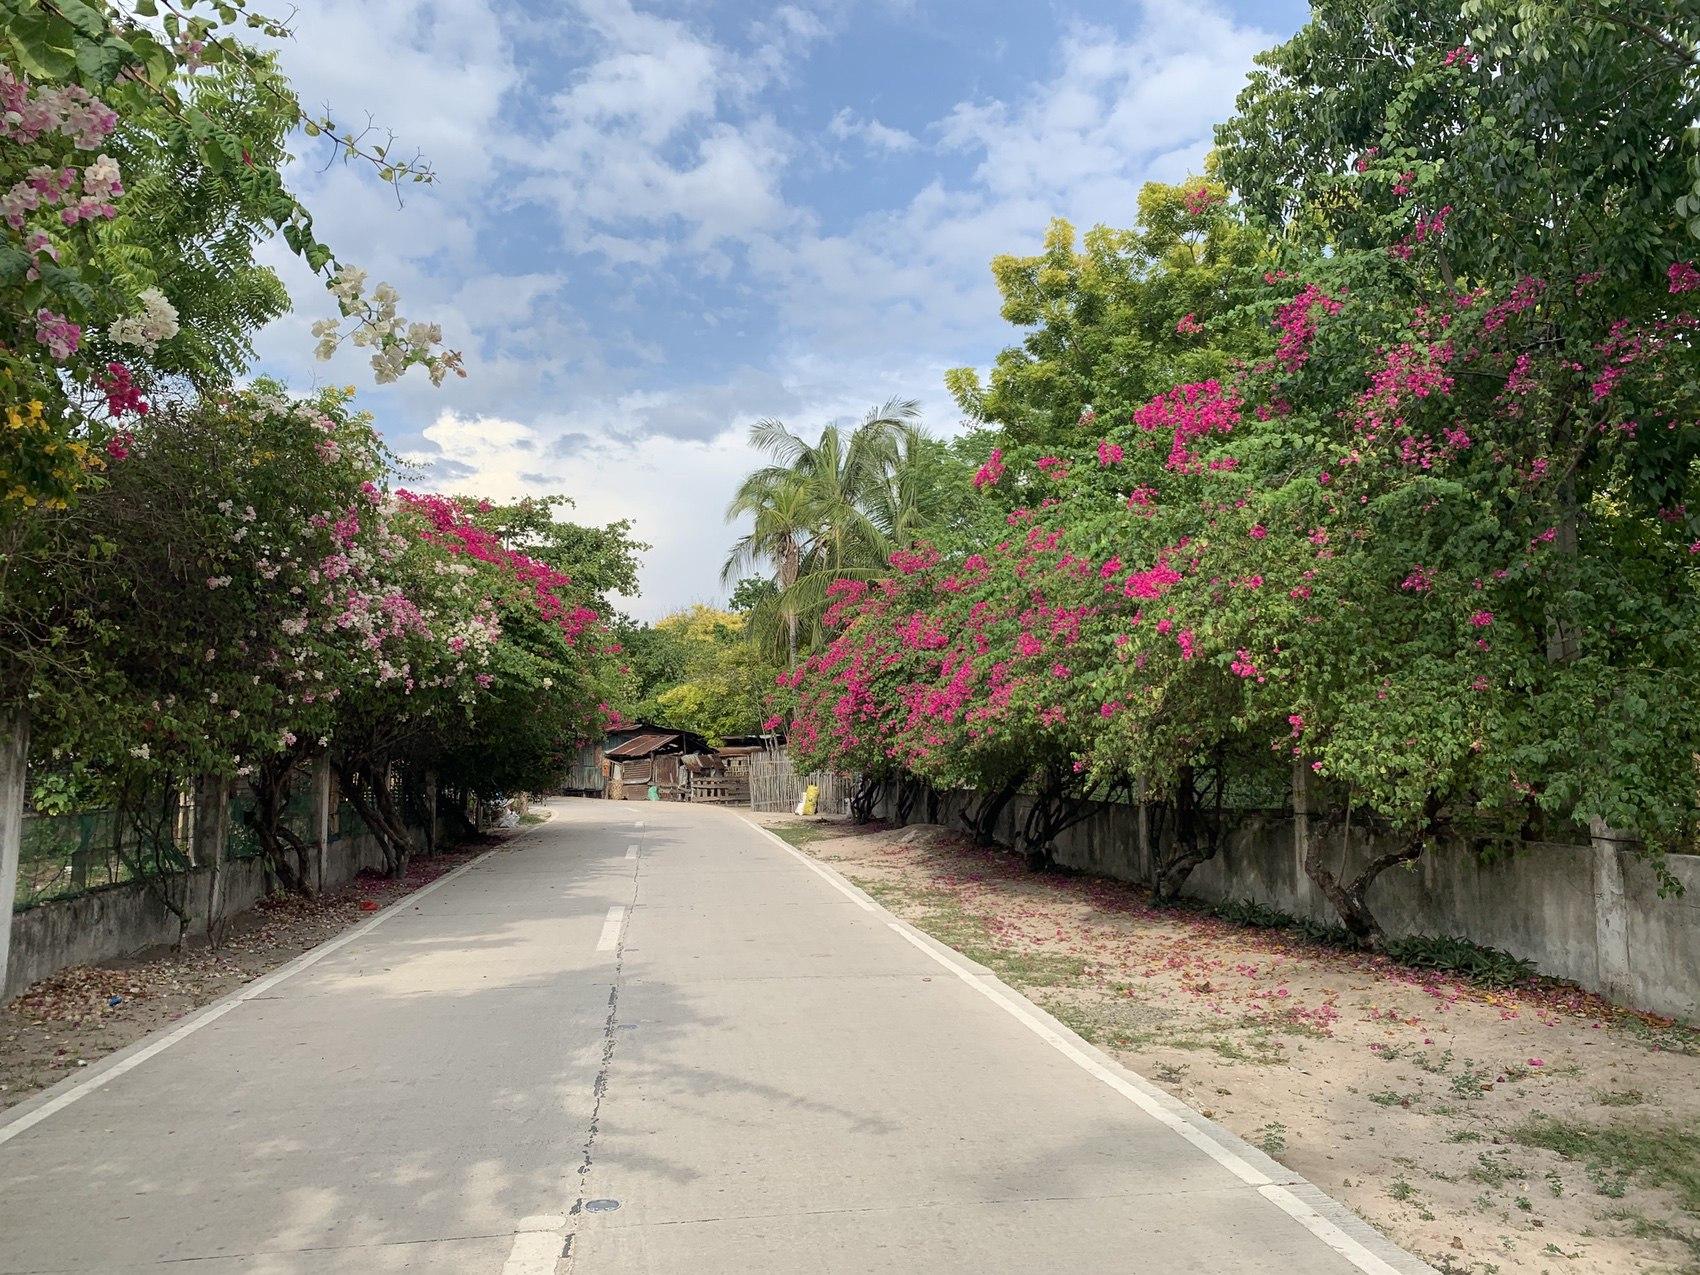 ブーゲンビリアが咲き乱れる村道